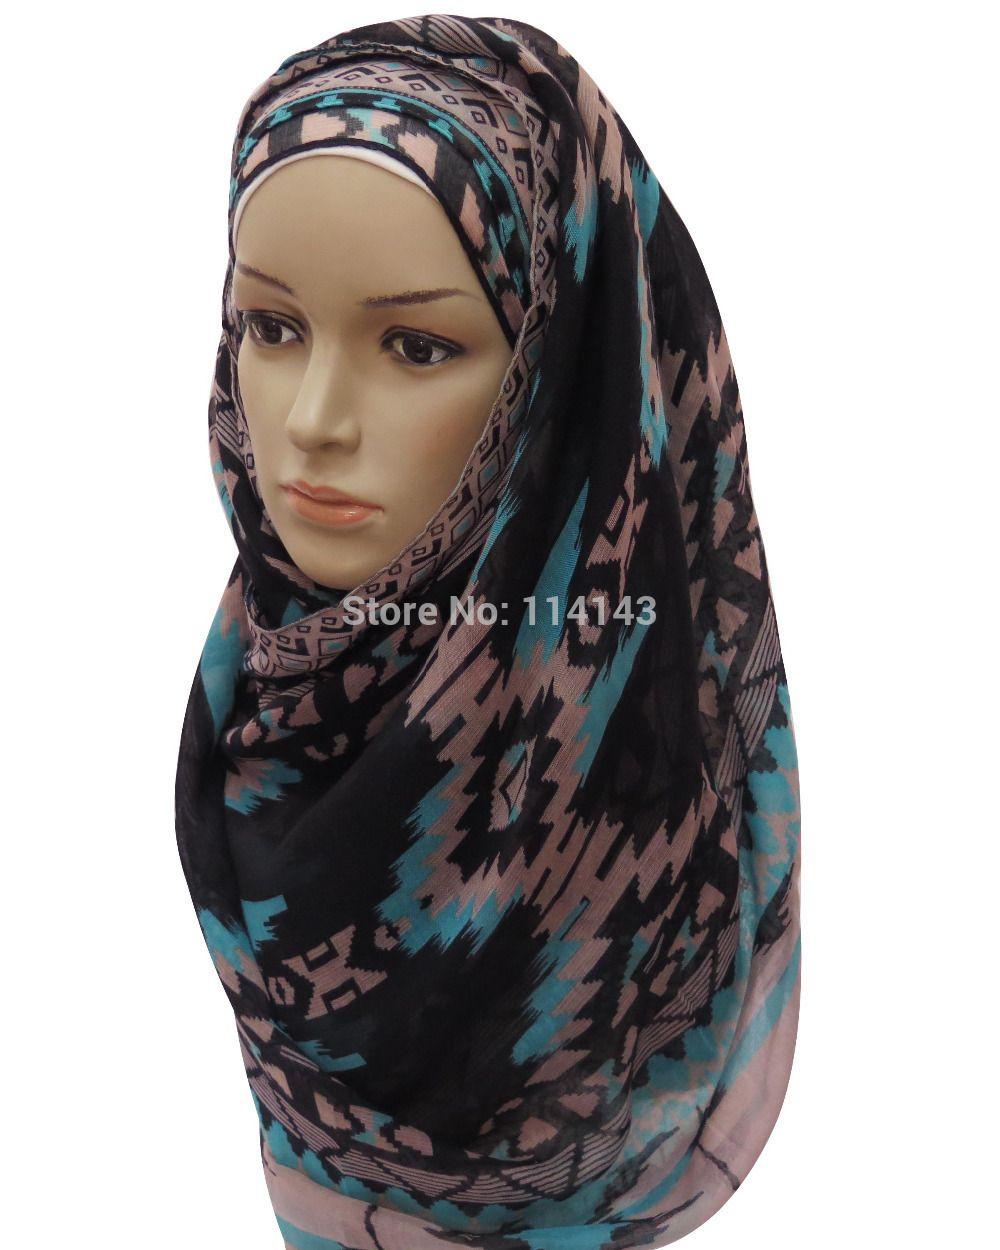 Involucro musulmano del Hijab della sciarpa lunga delle donne tribali aztec della stampa all'ingrosso-10pcs / lot, trasporto libero